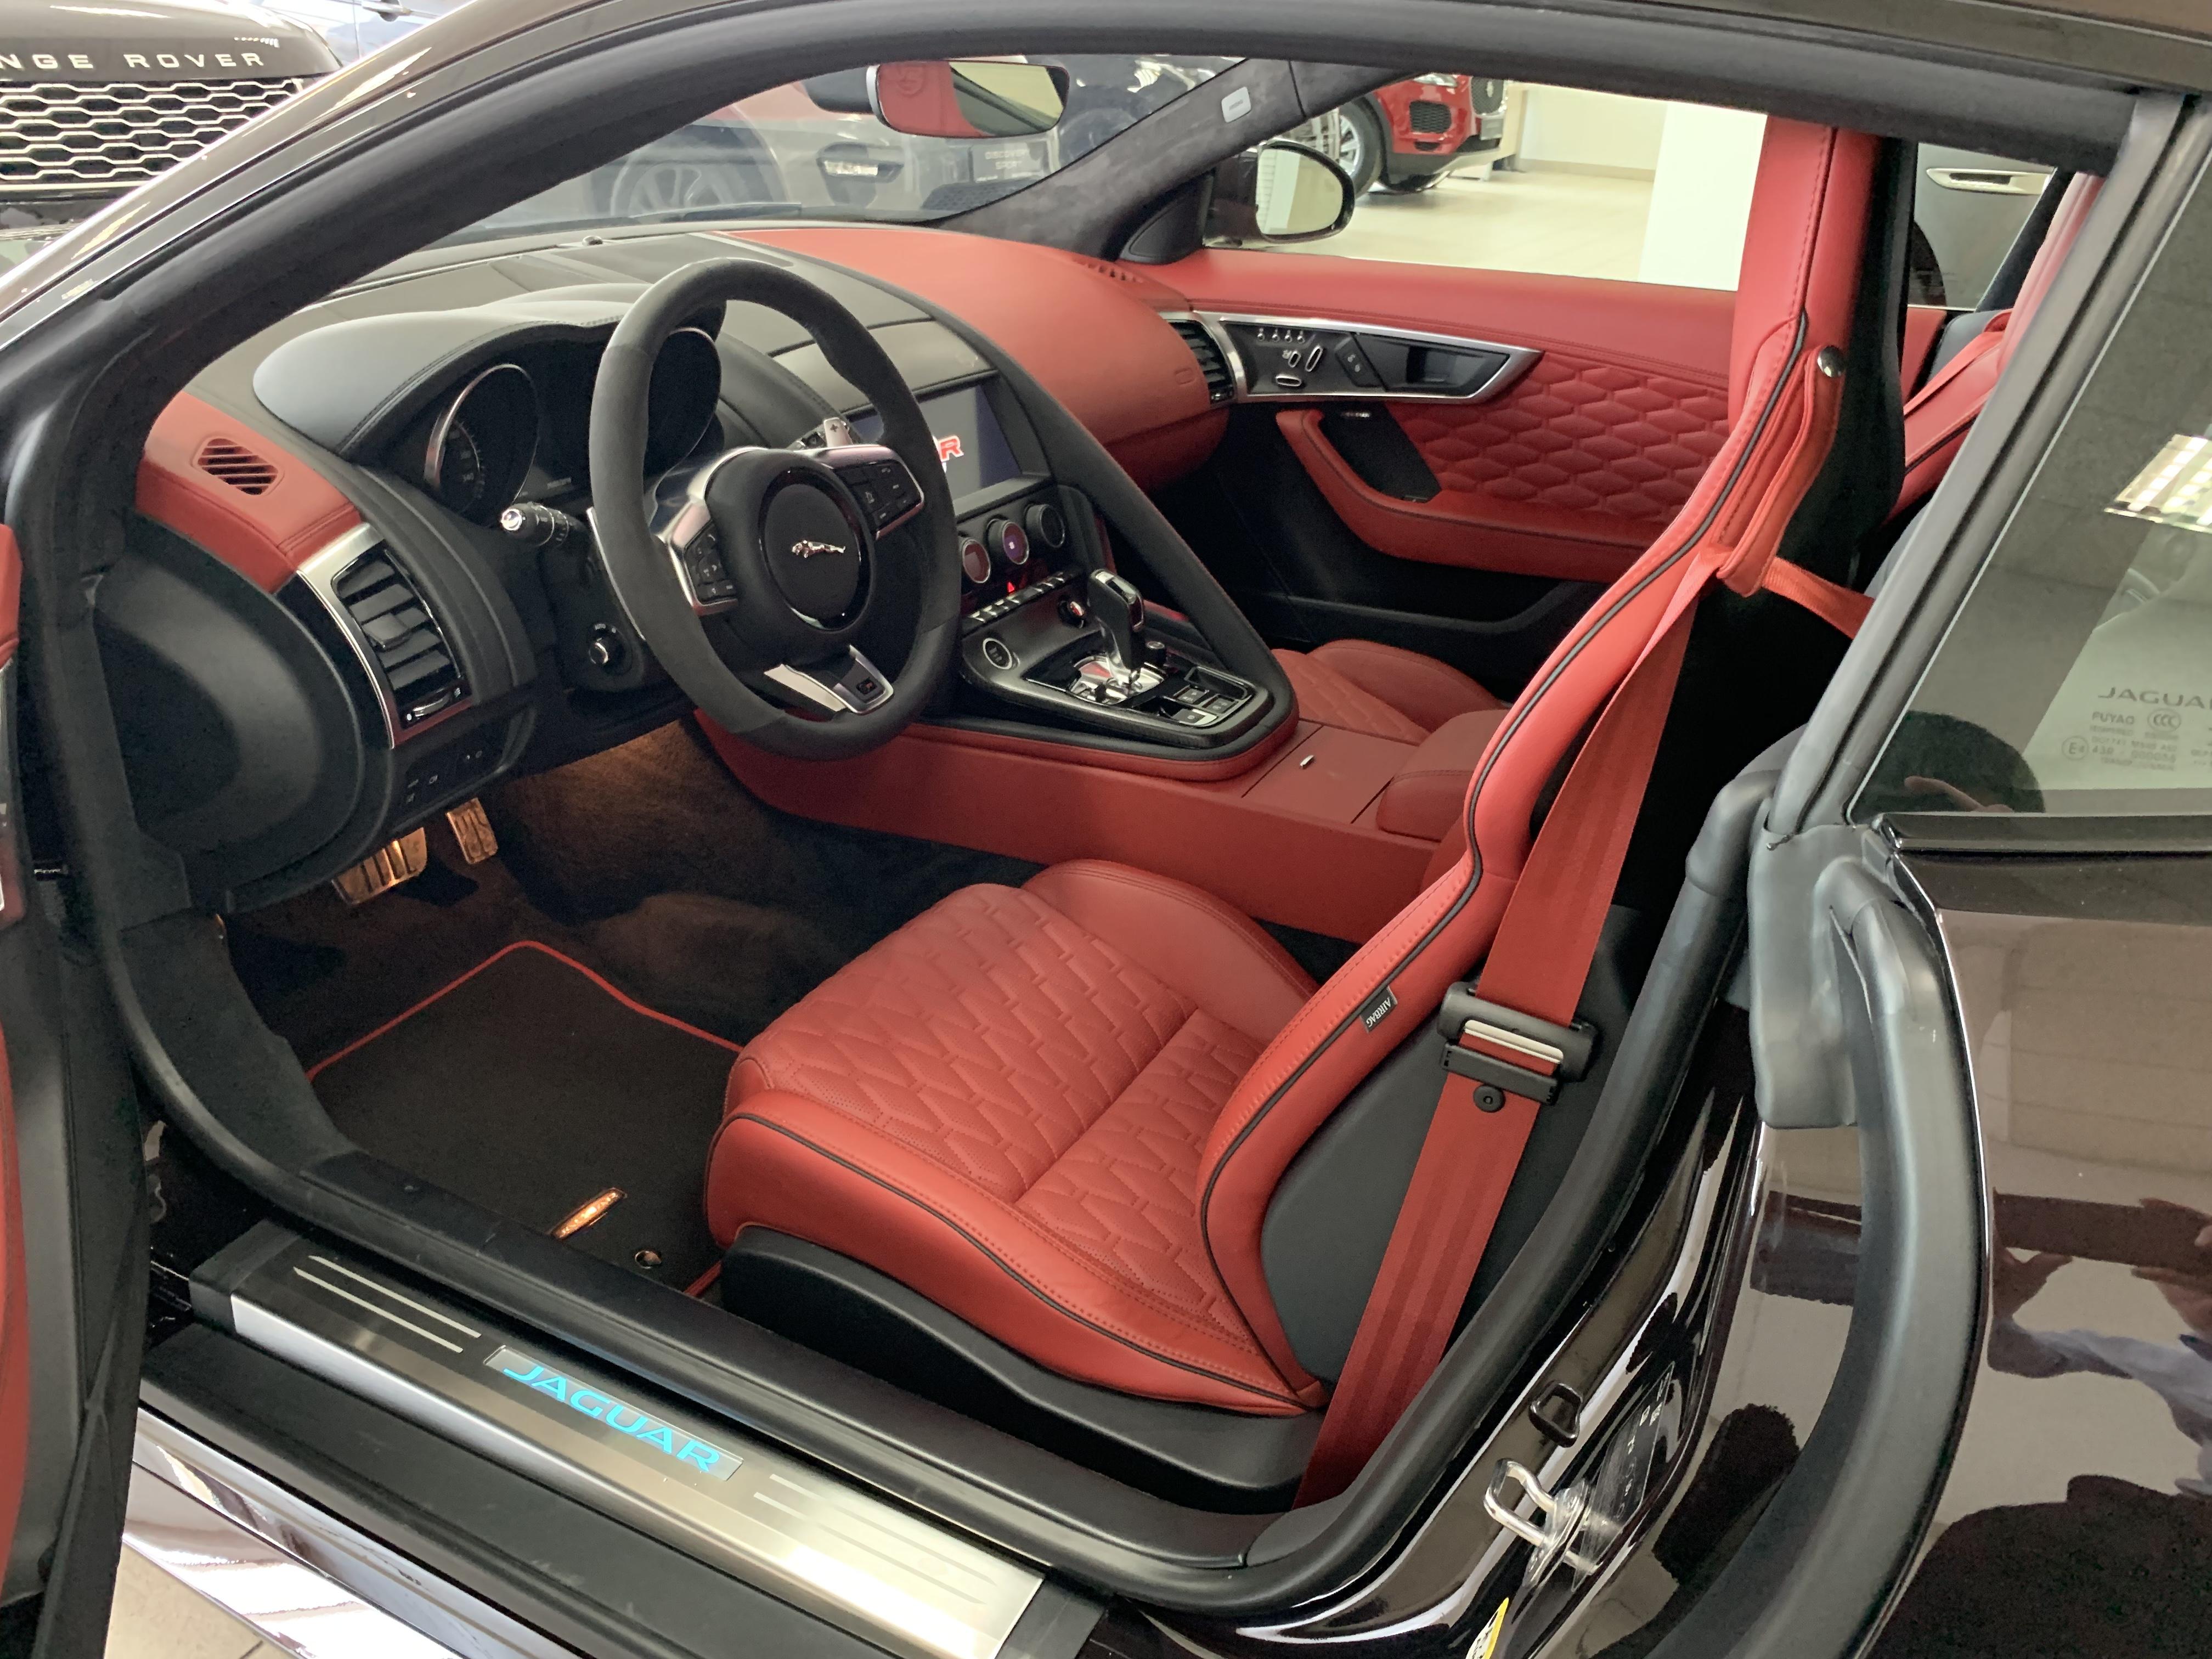 Двигатель V8снагнетателем снижает сопротивление ивибрацию для четкого отклика при любых оборотах. Jaguar F-Type SVR разгоняется от0 до100 км/ч всего за3,7 секунды, максимальная скорость— 322 км/ч